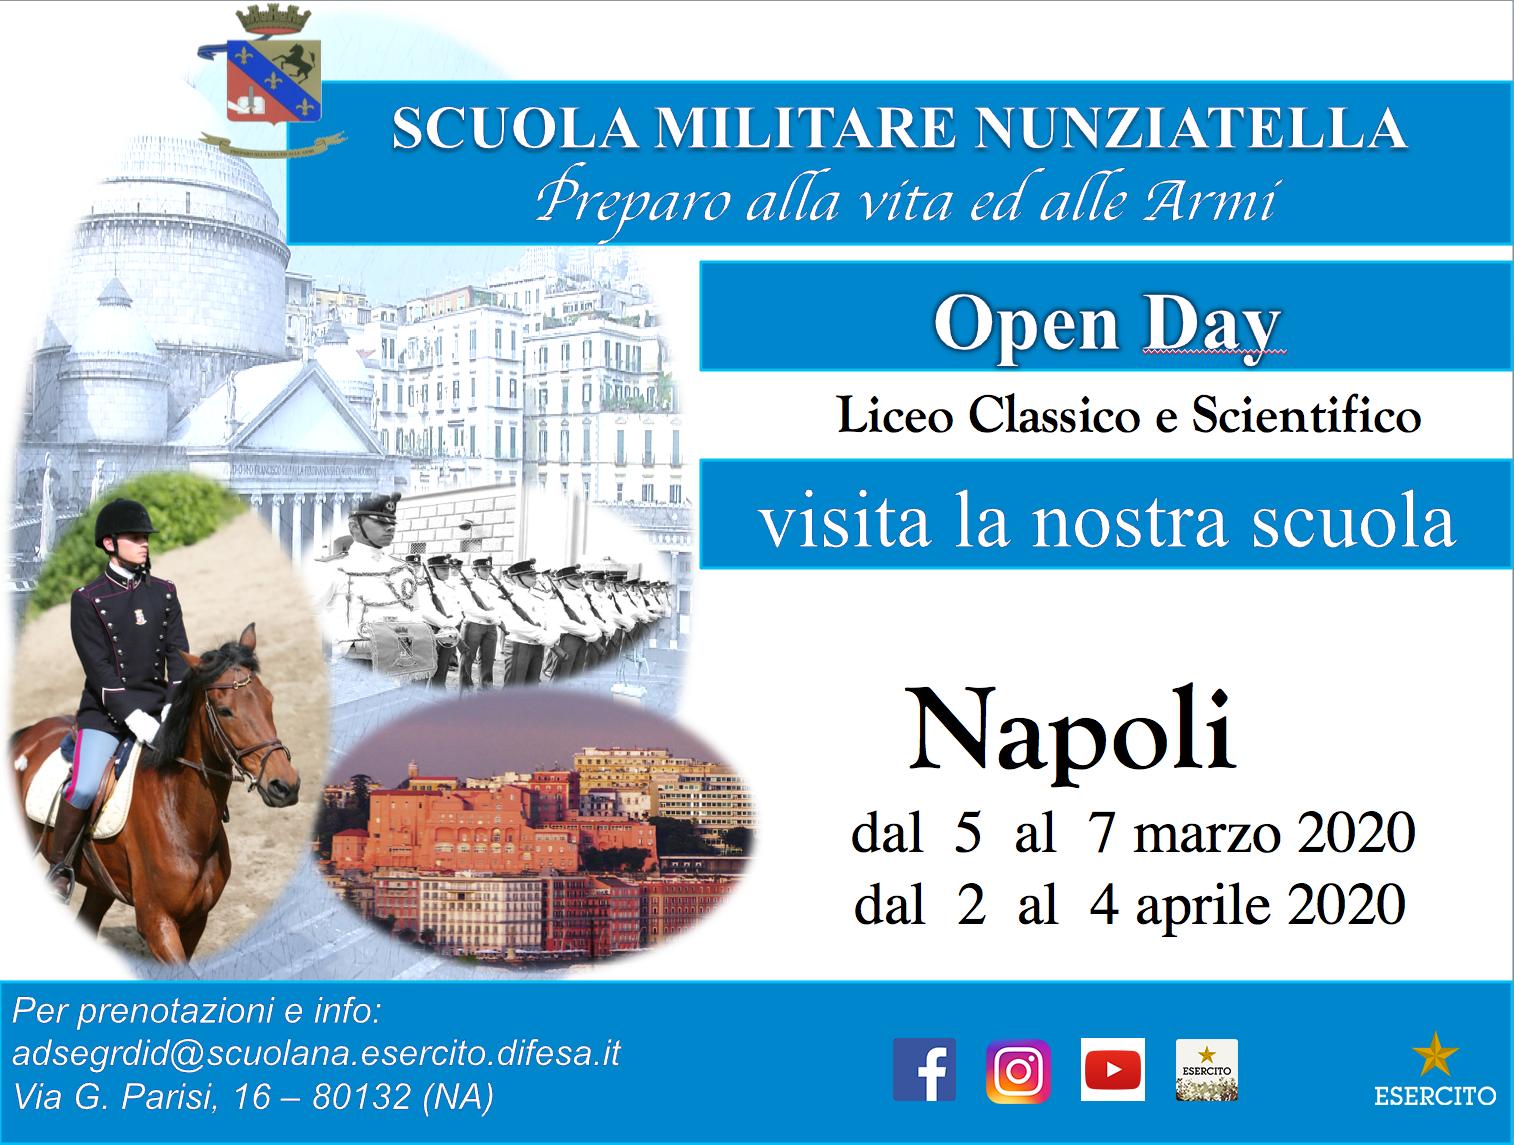 Pubblicate le date degli Open Day per l'anno 2020